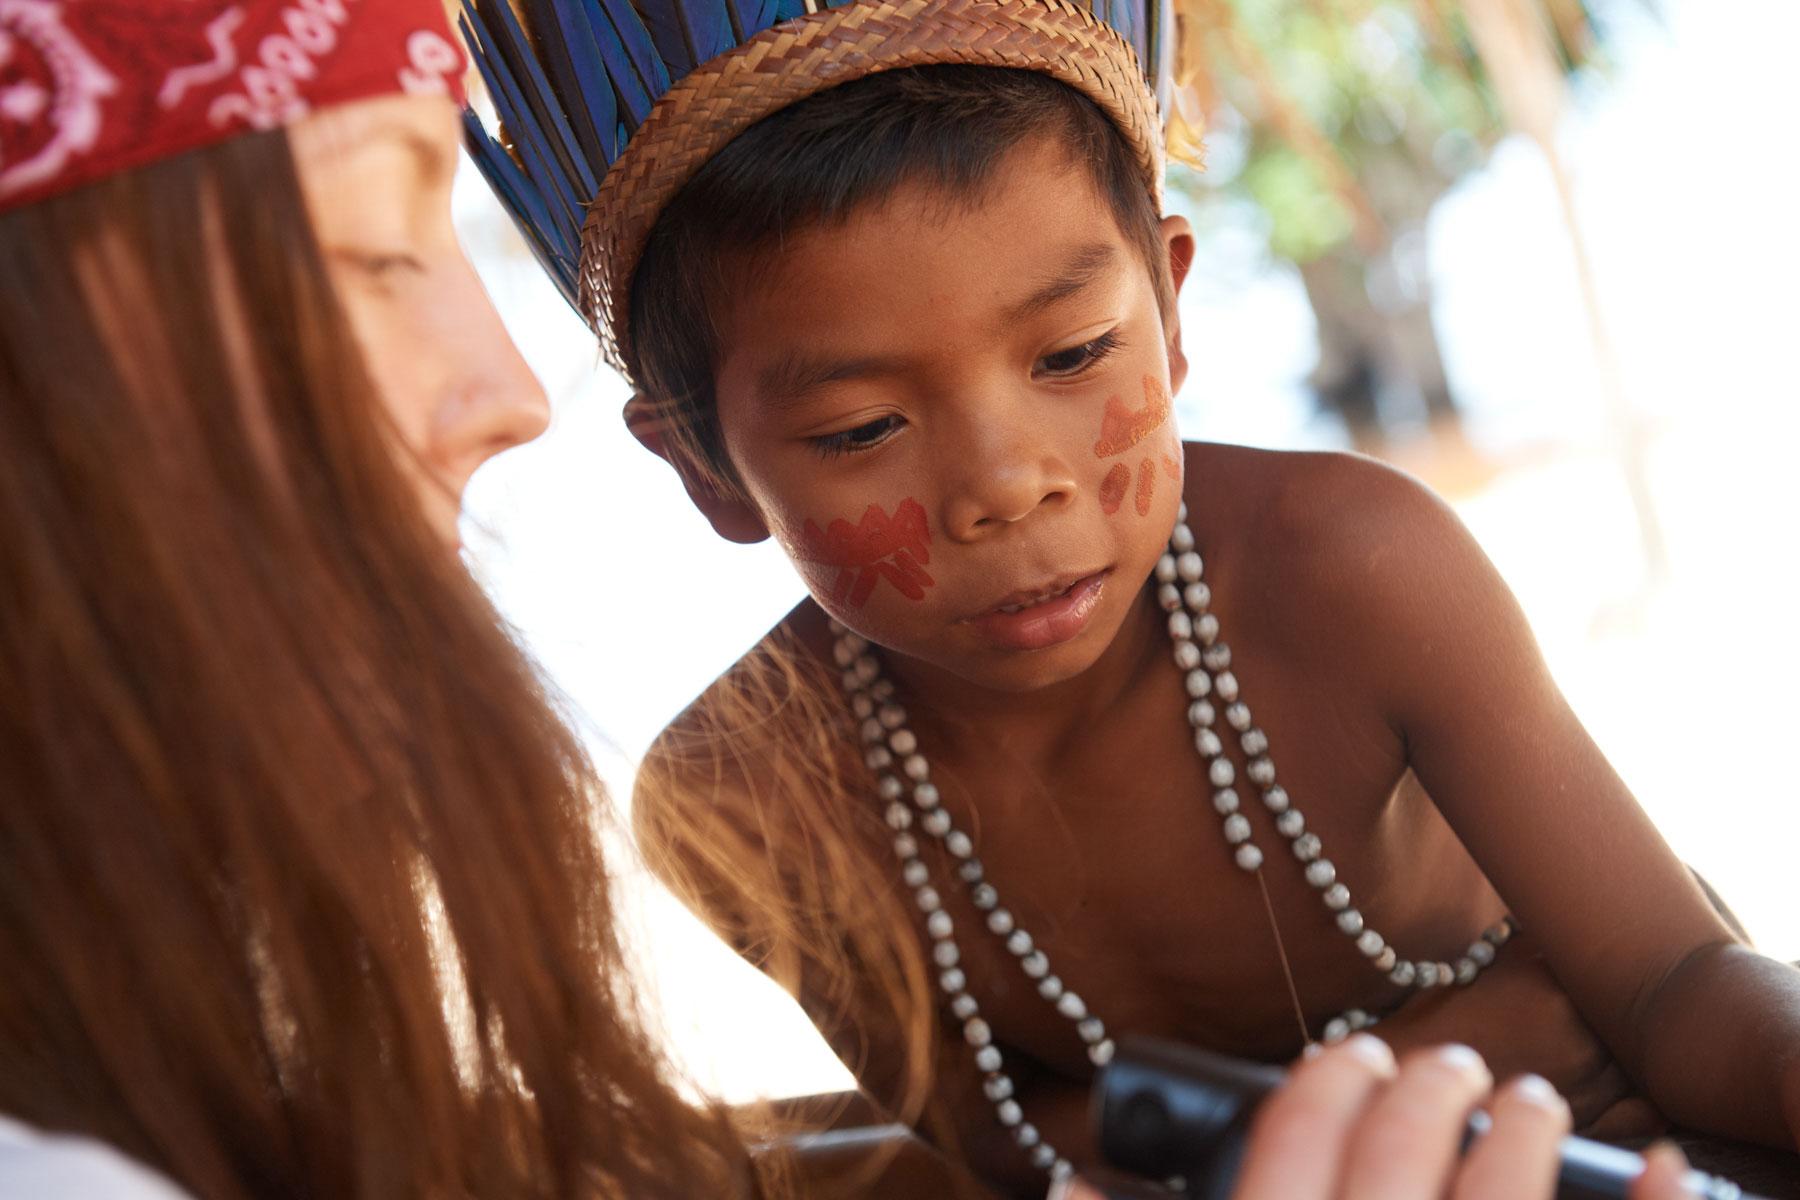 Bild eines indogenen Jungen mit Kopfschmuck und Bemalung der interessiert einer Weißen mit ihrer Kamera zuschaut